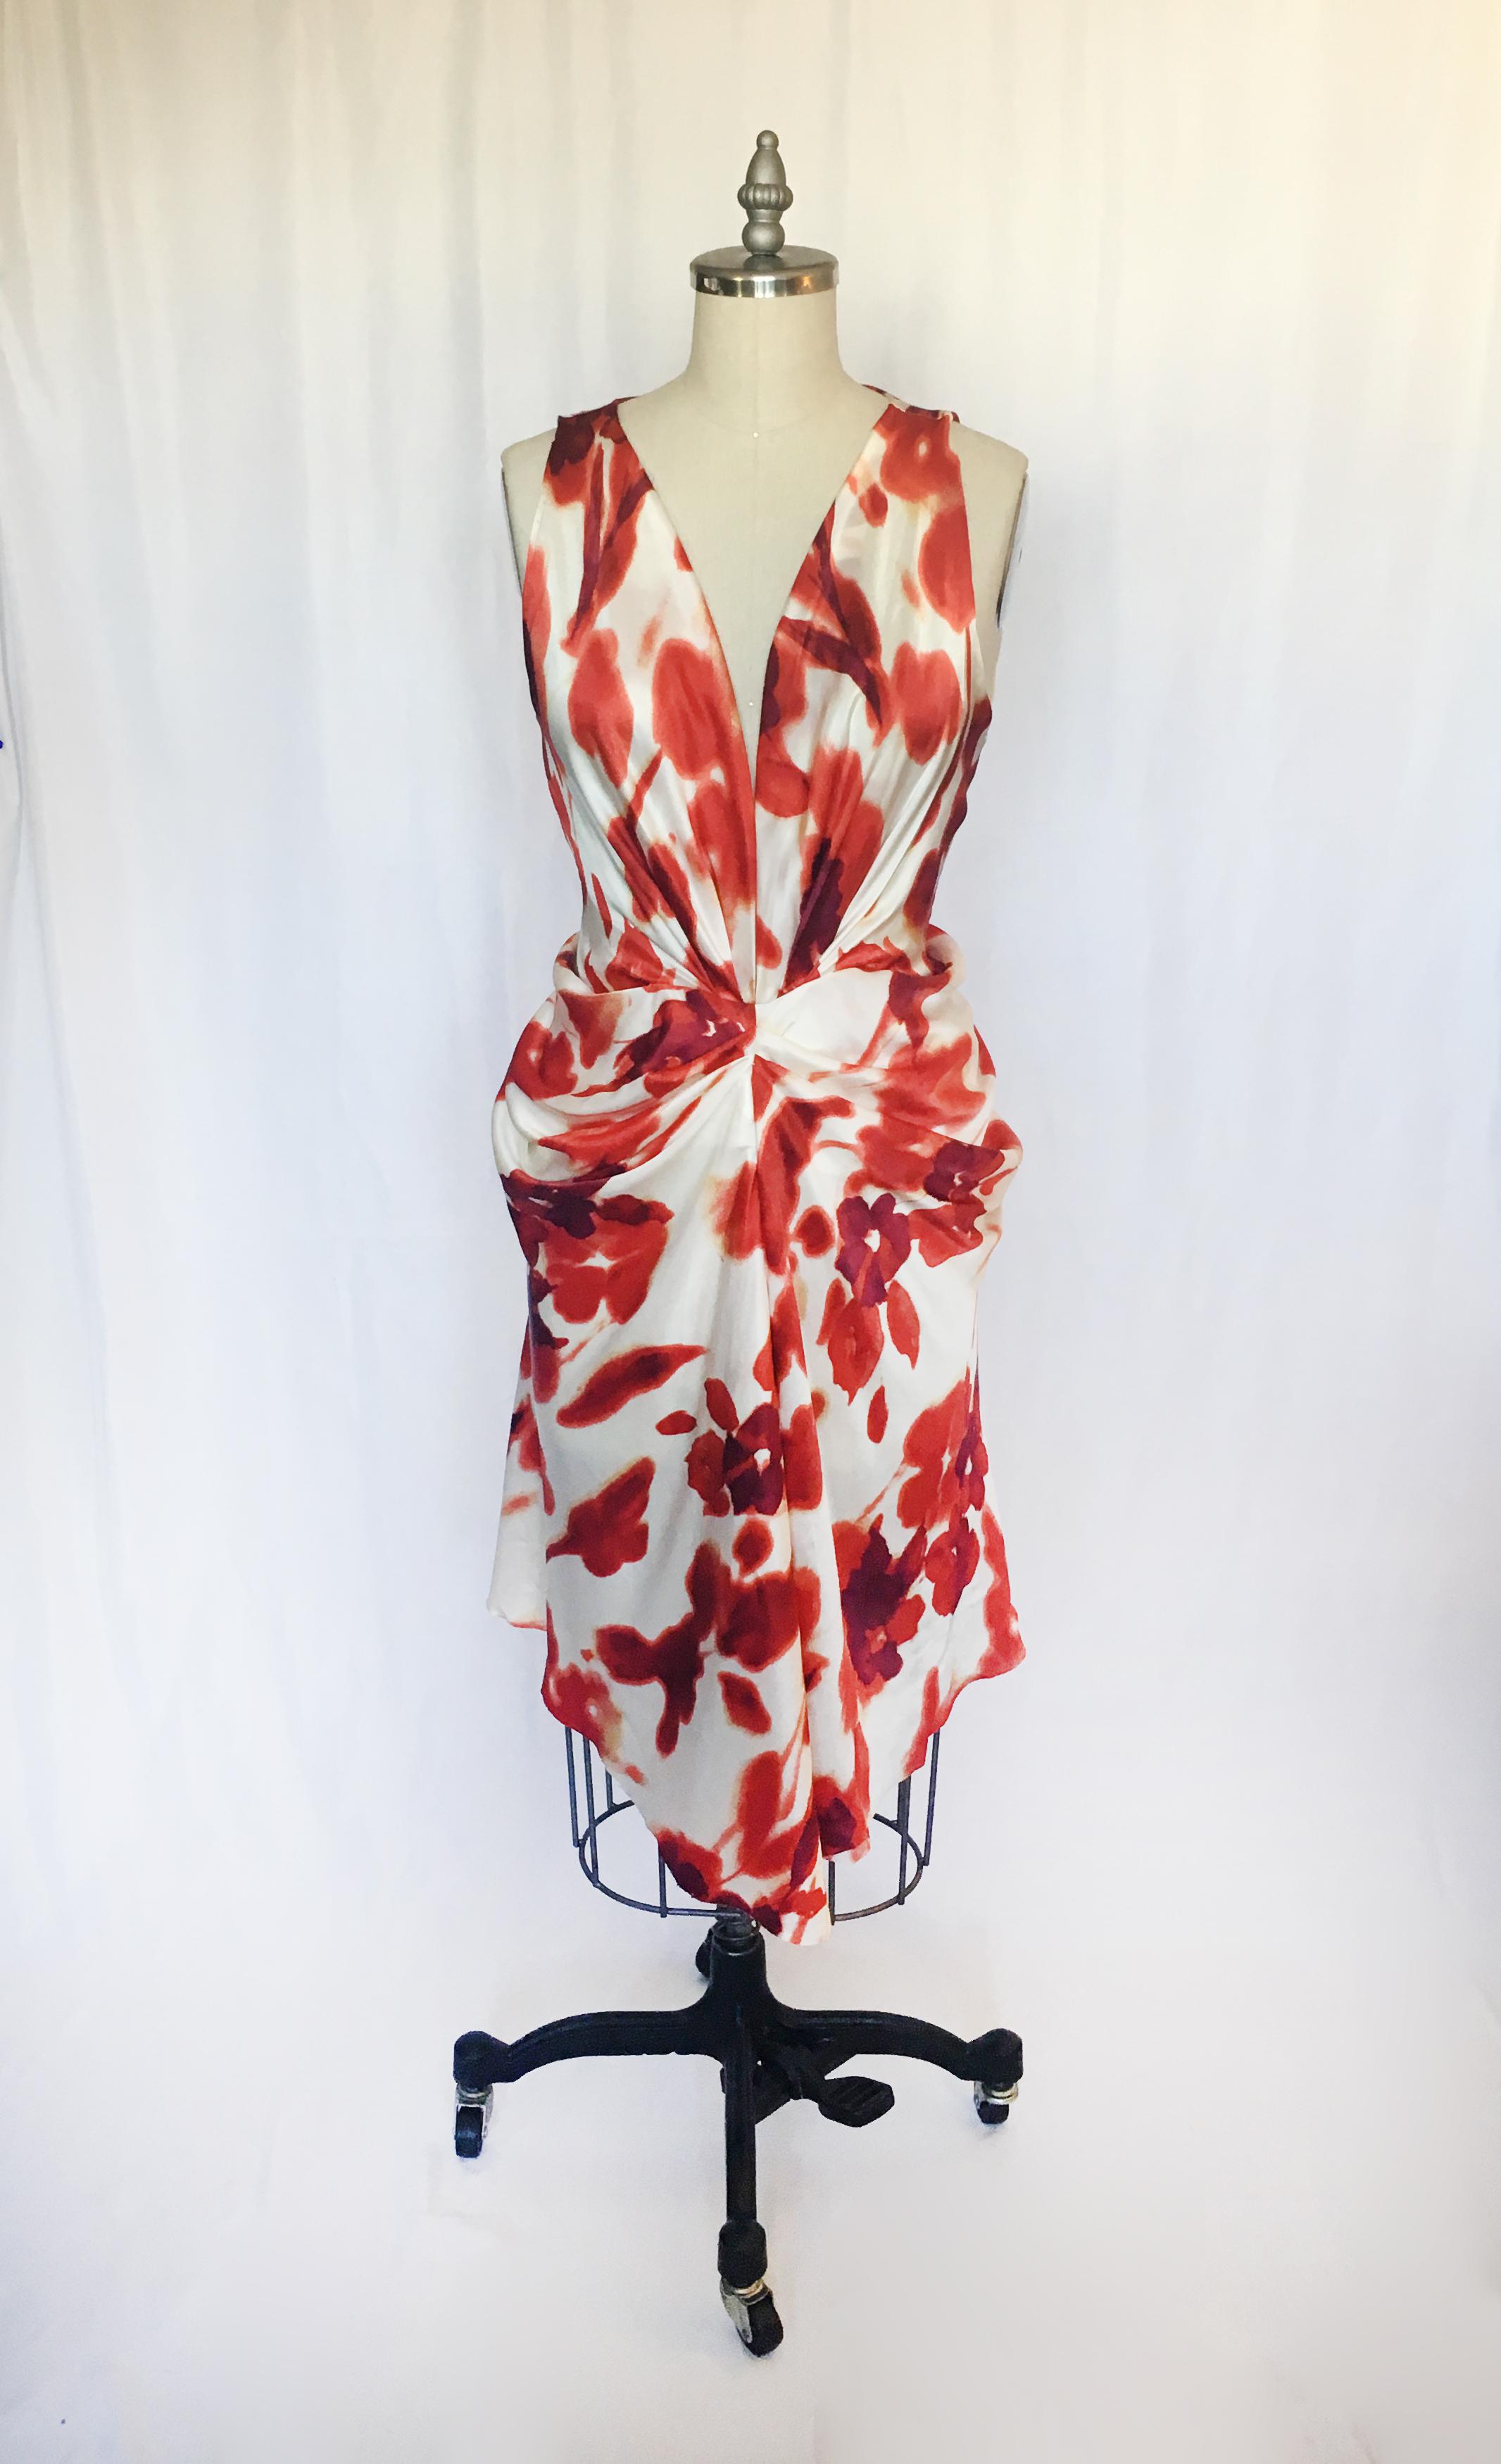 Ana-dress.jpg